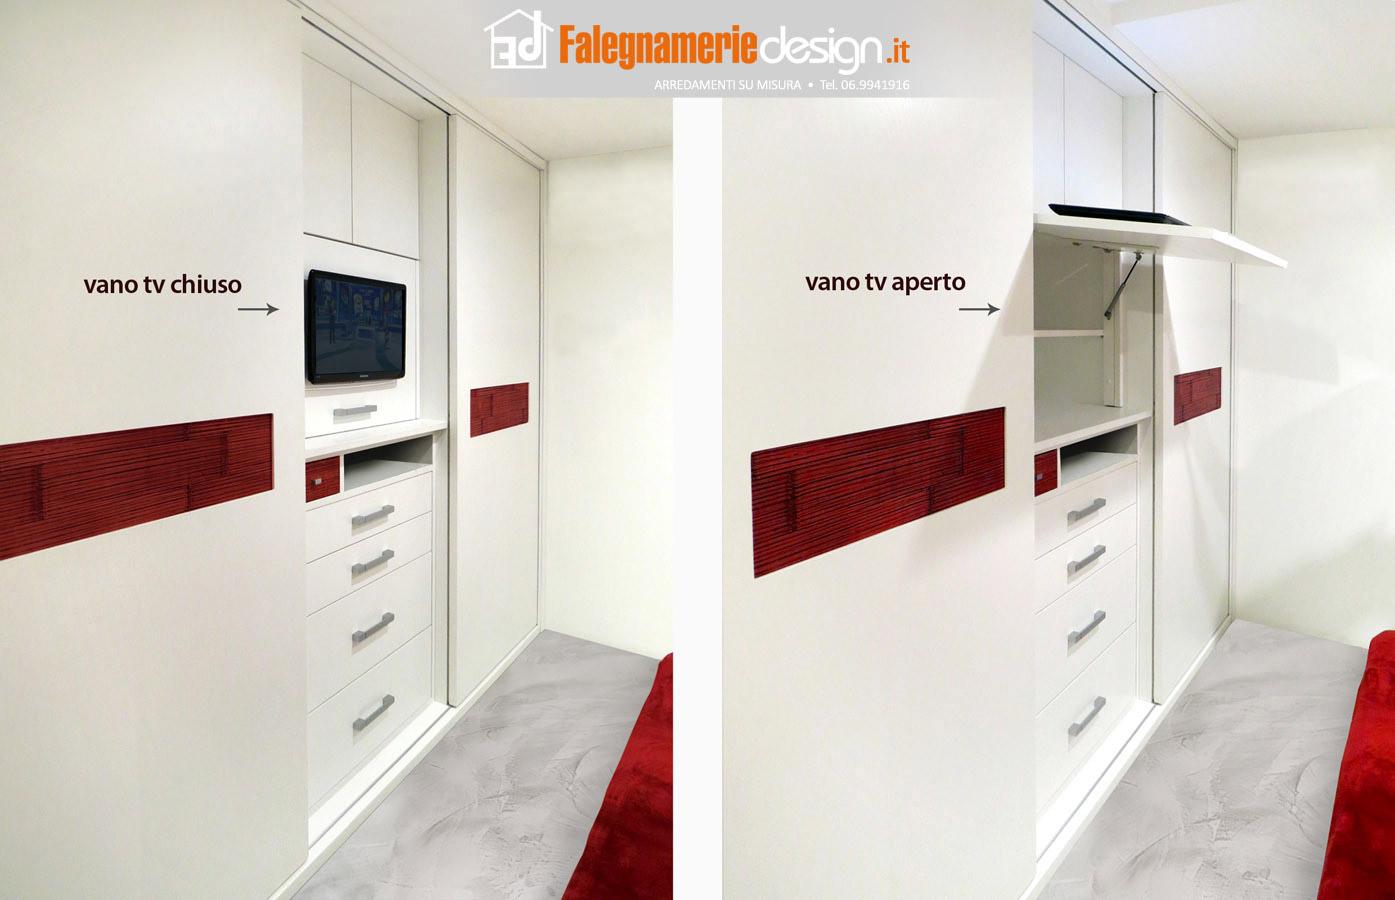 Foto a388 arredamenti e mobili su misura roma for Falegnamerie design